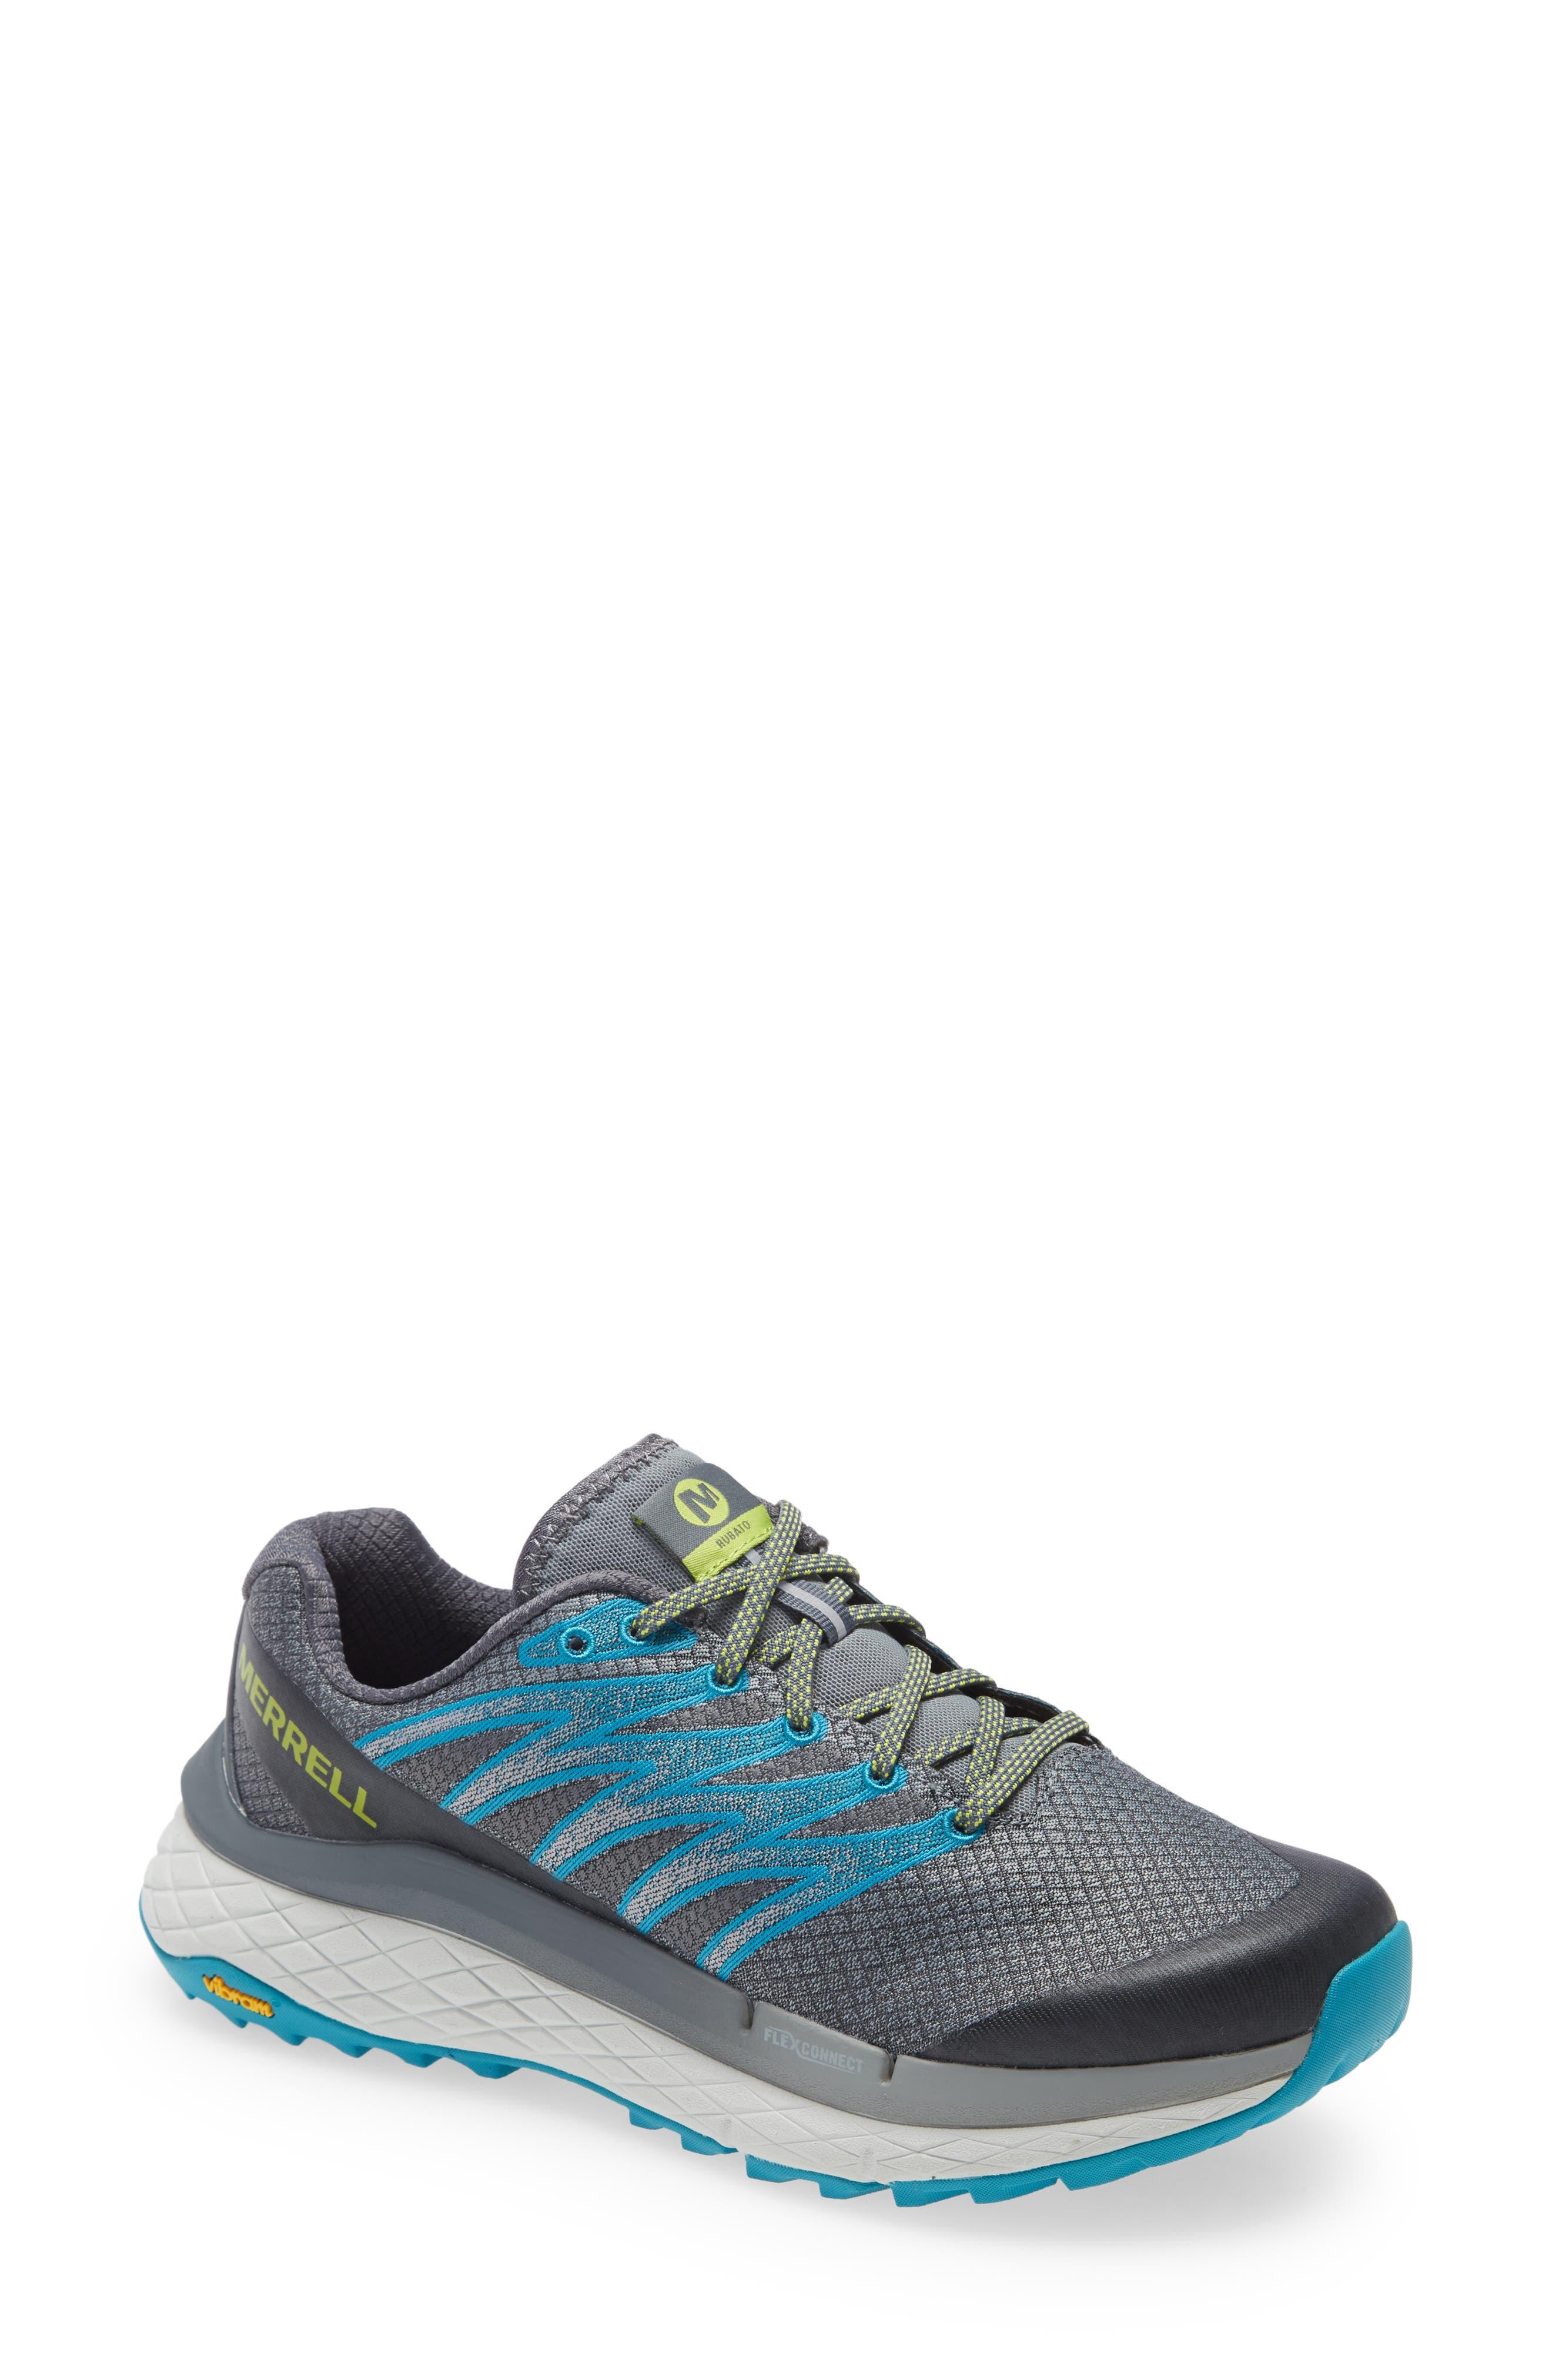 Rubato Trail Running Shoe